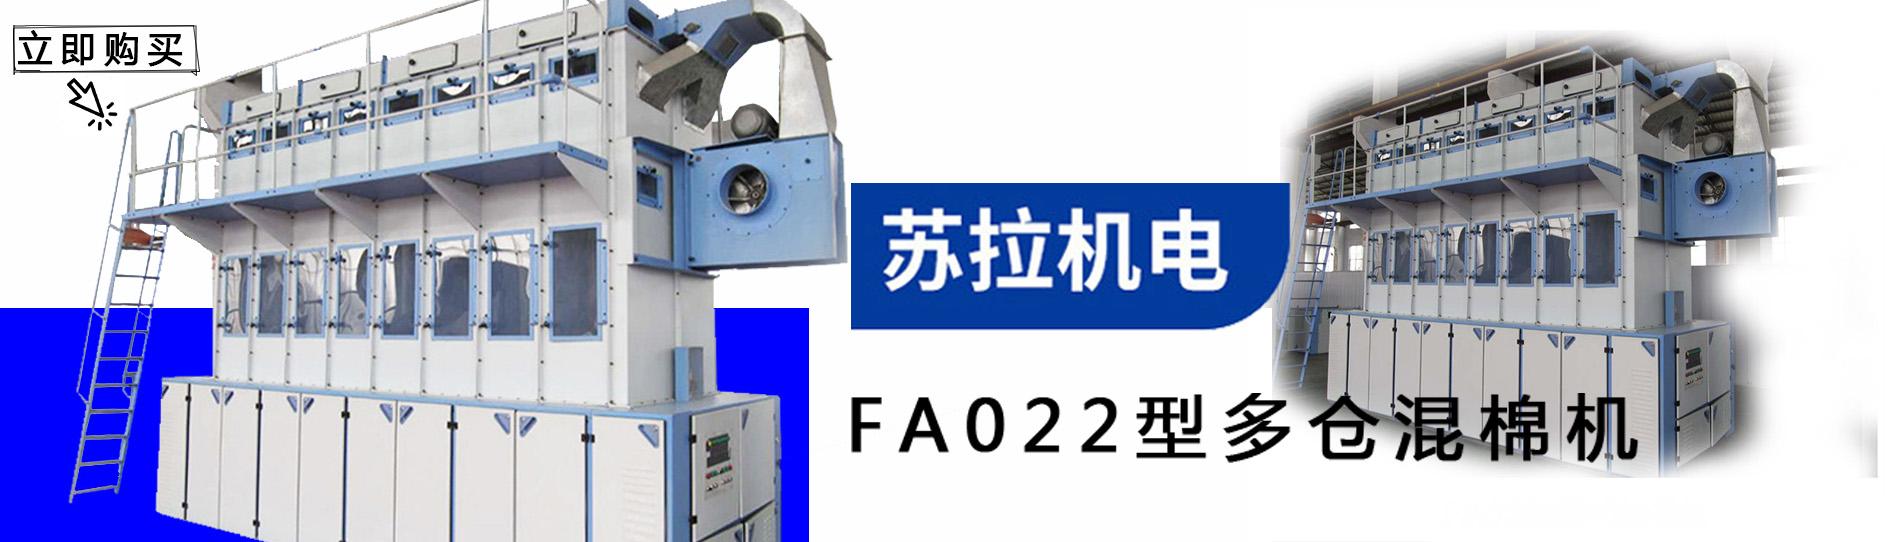 郑州苏拉机电设备有限公司